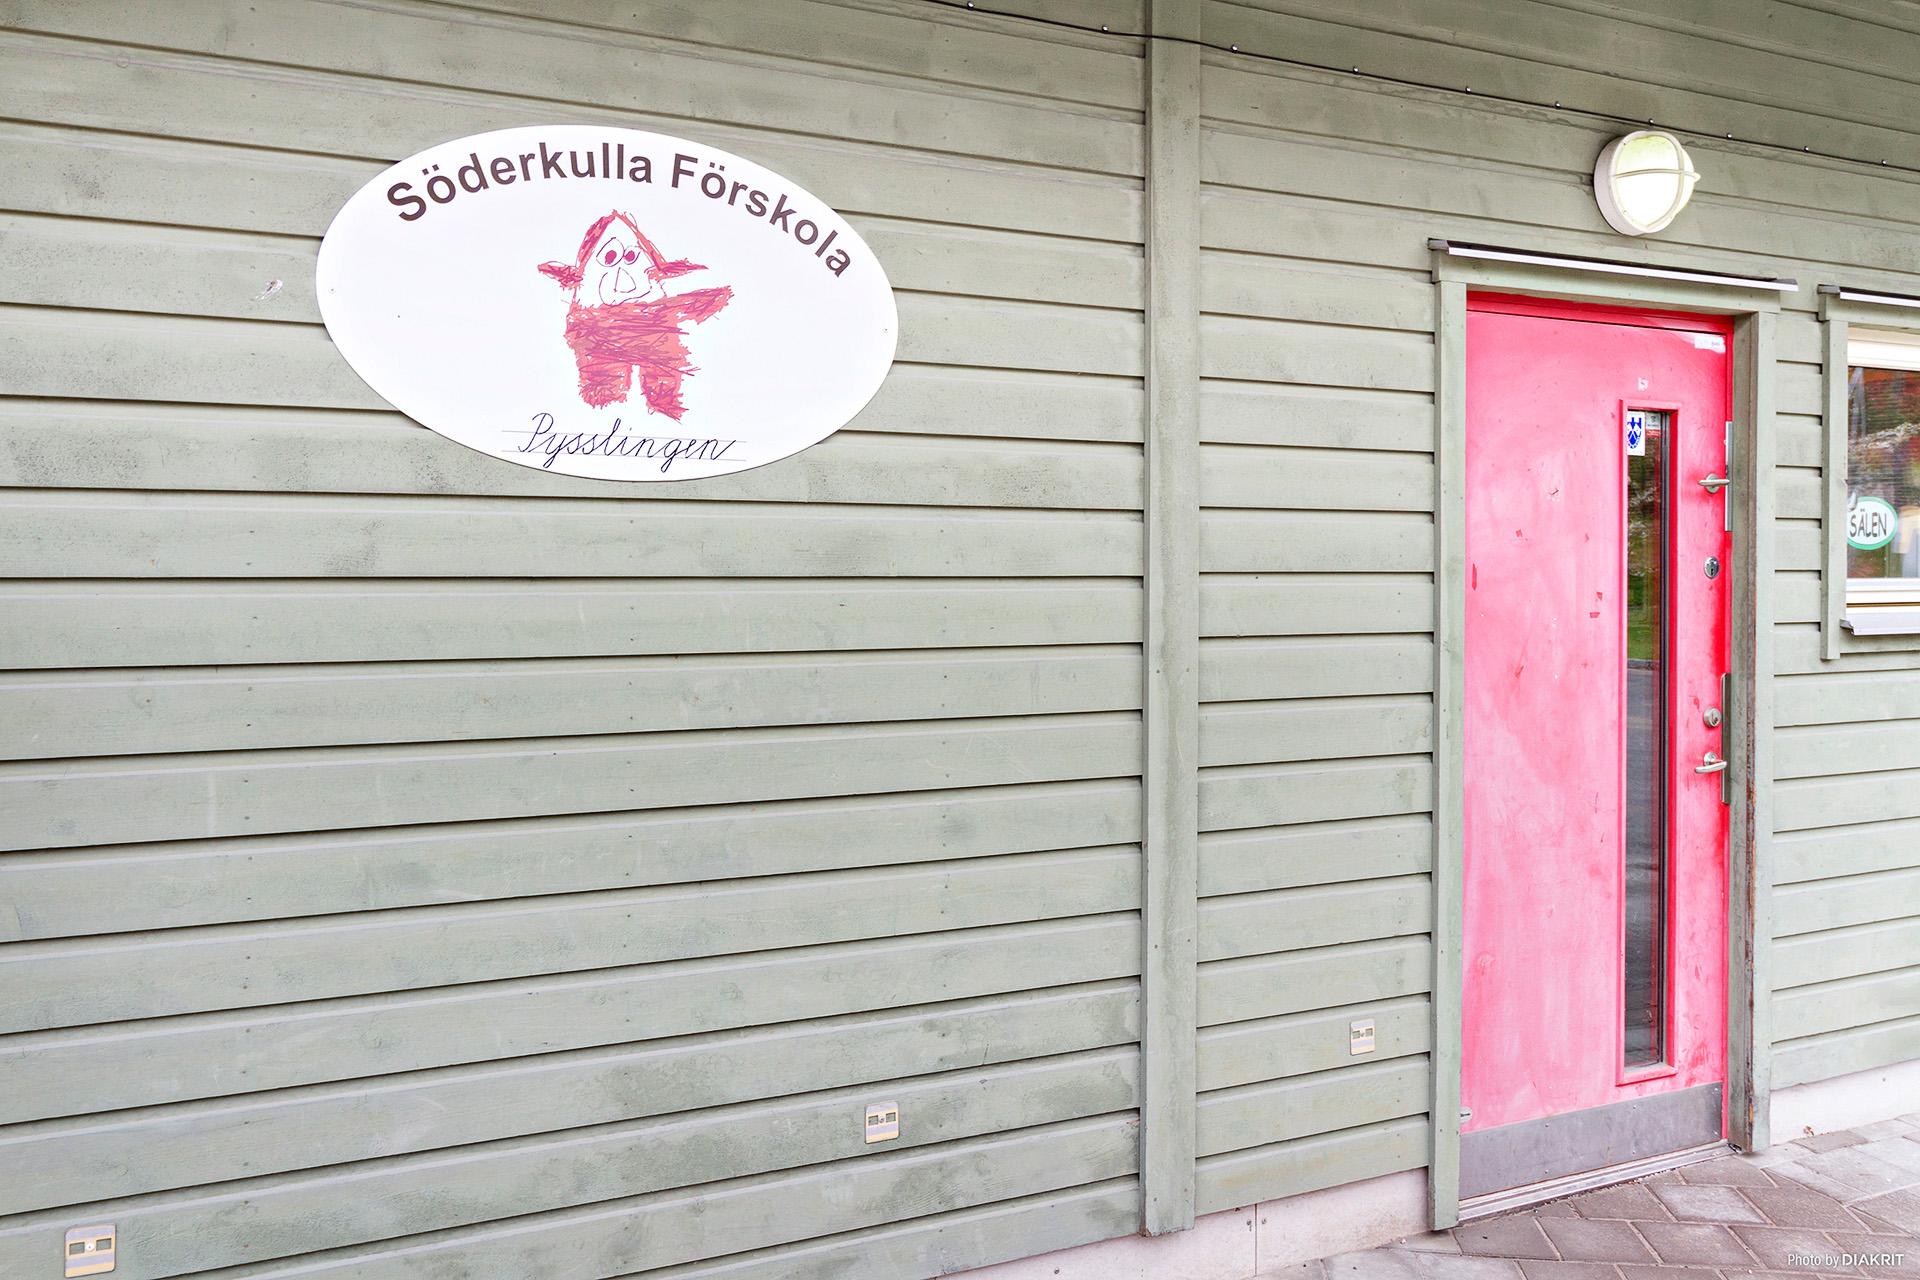 Den populära förskolan Söderkulla ligger i området